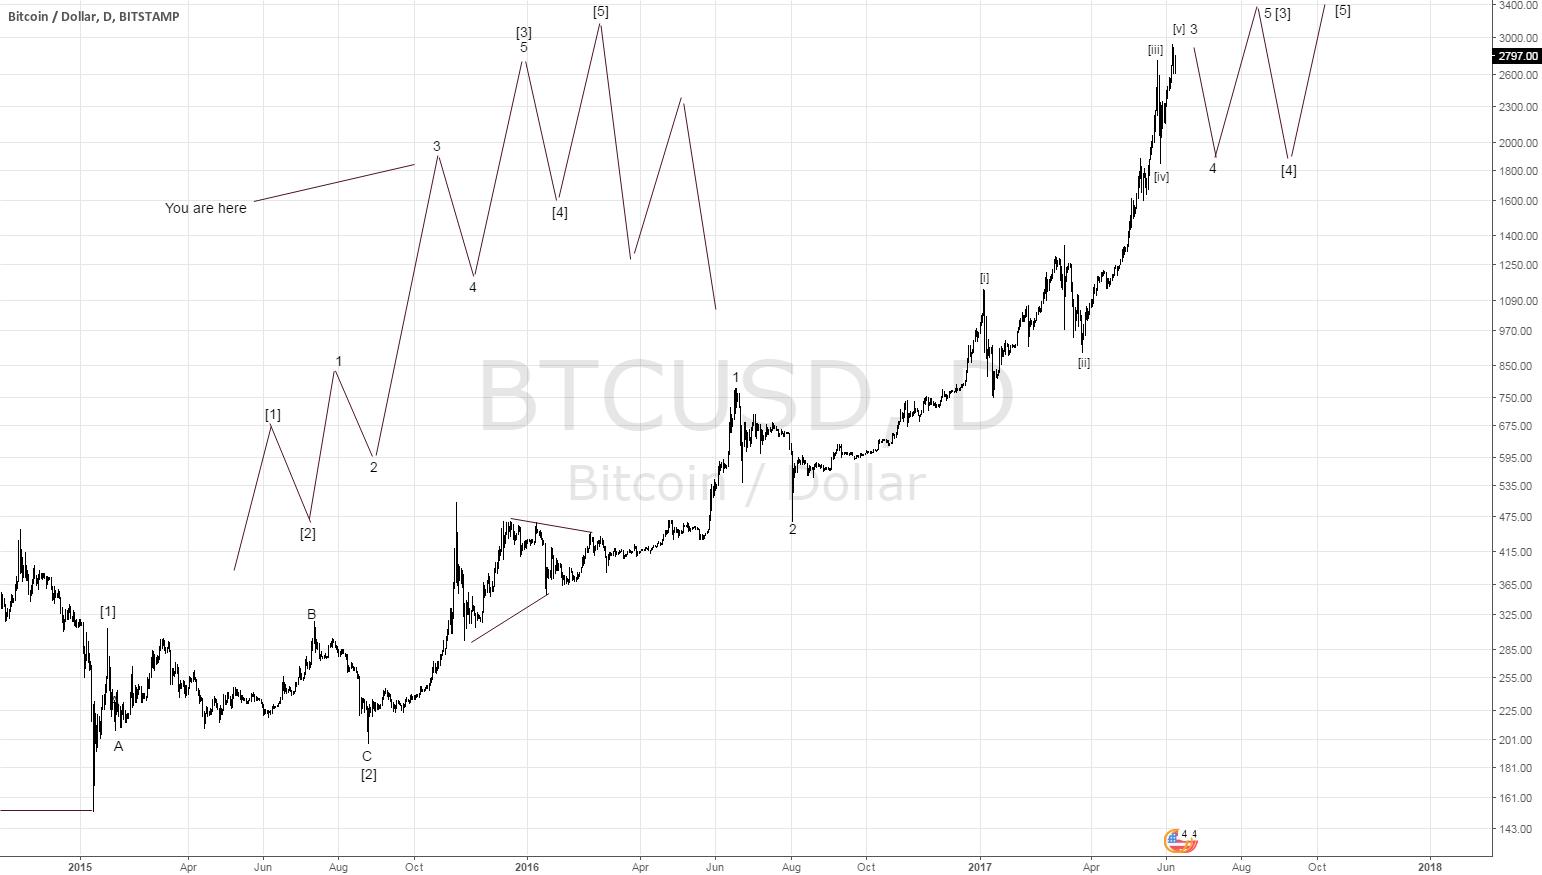 Elliott Wave Analysis of Bitcoin (BTCUSD)